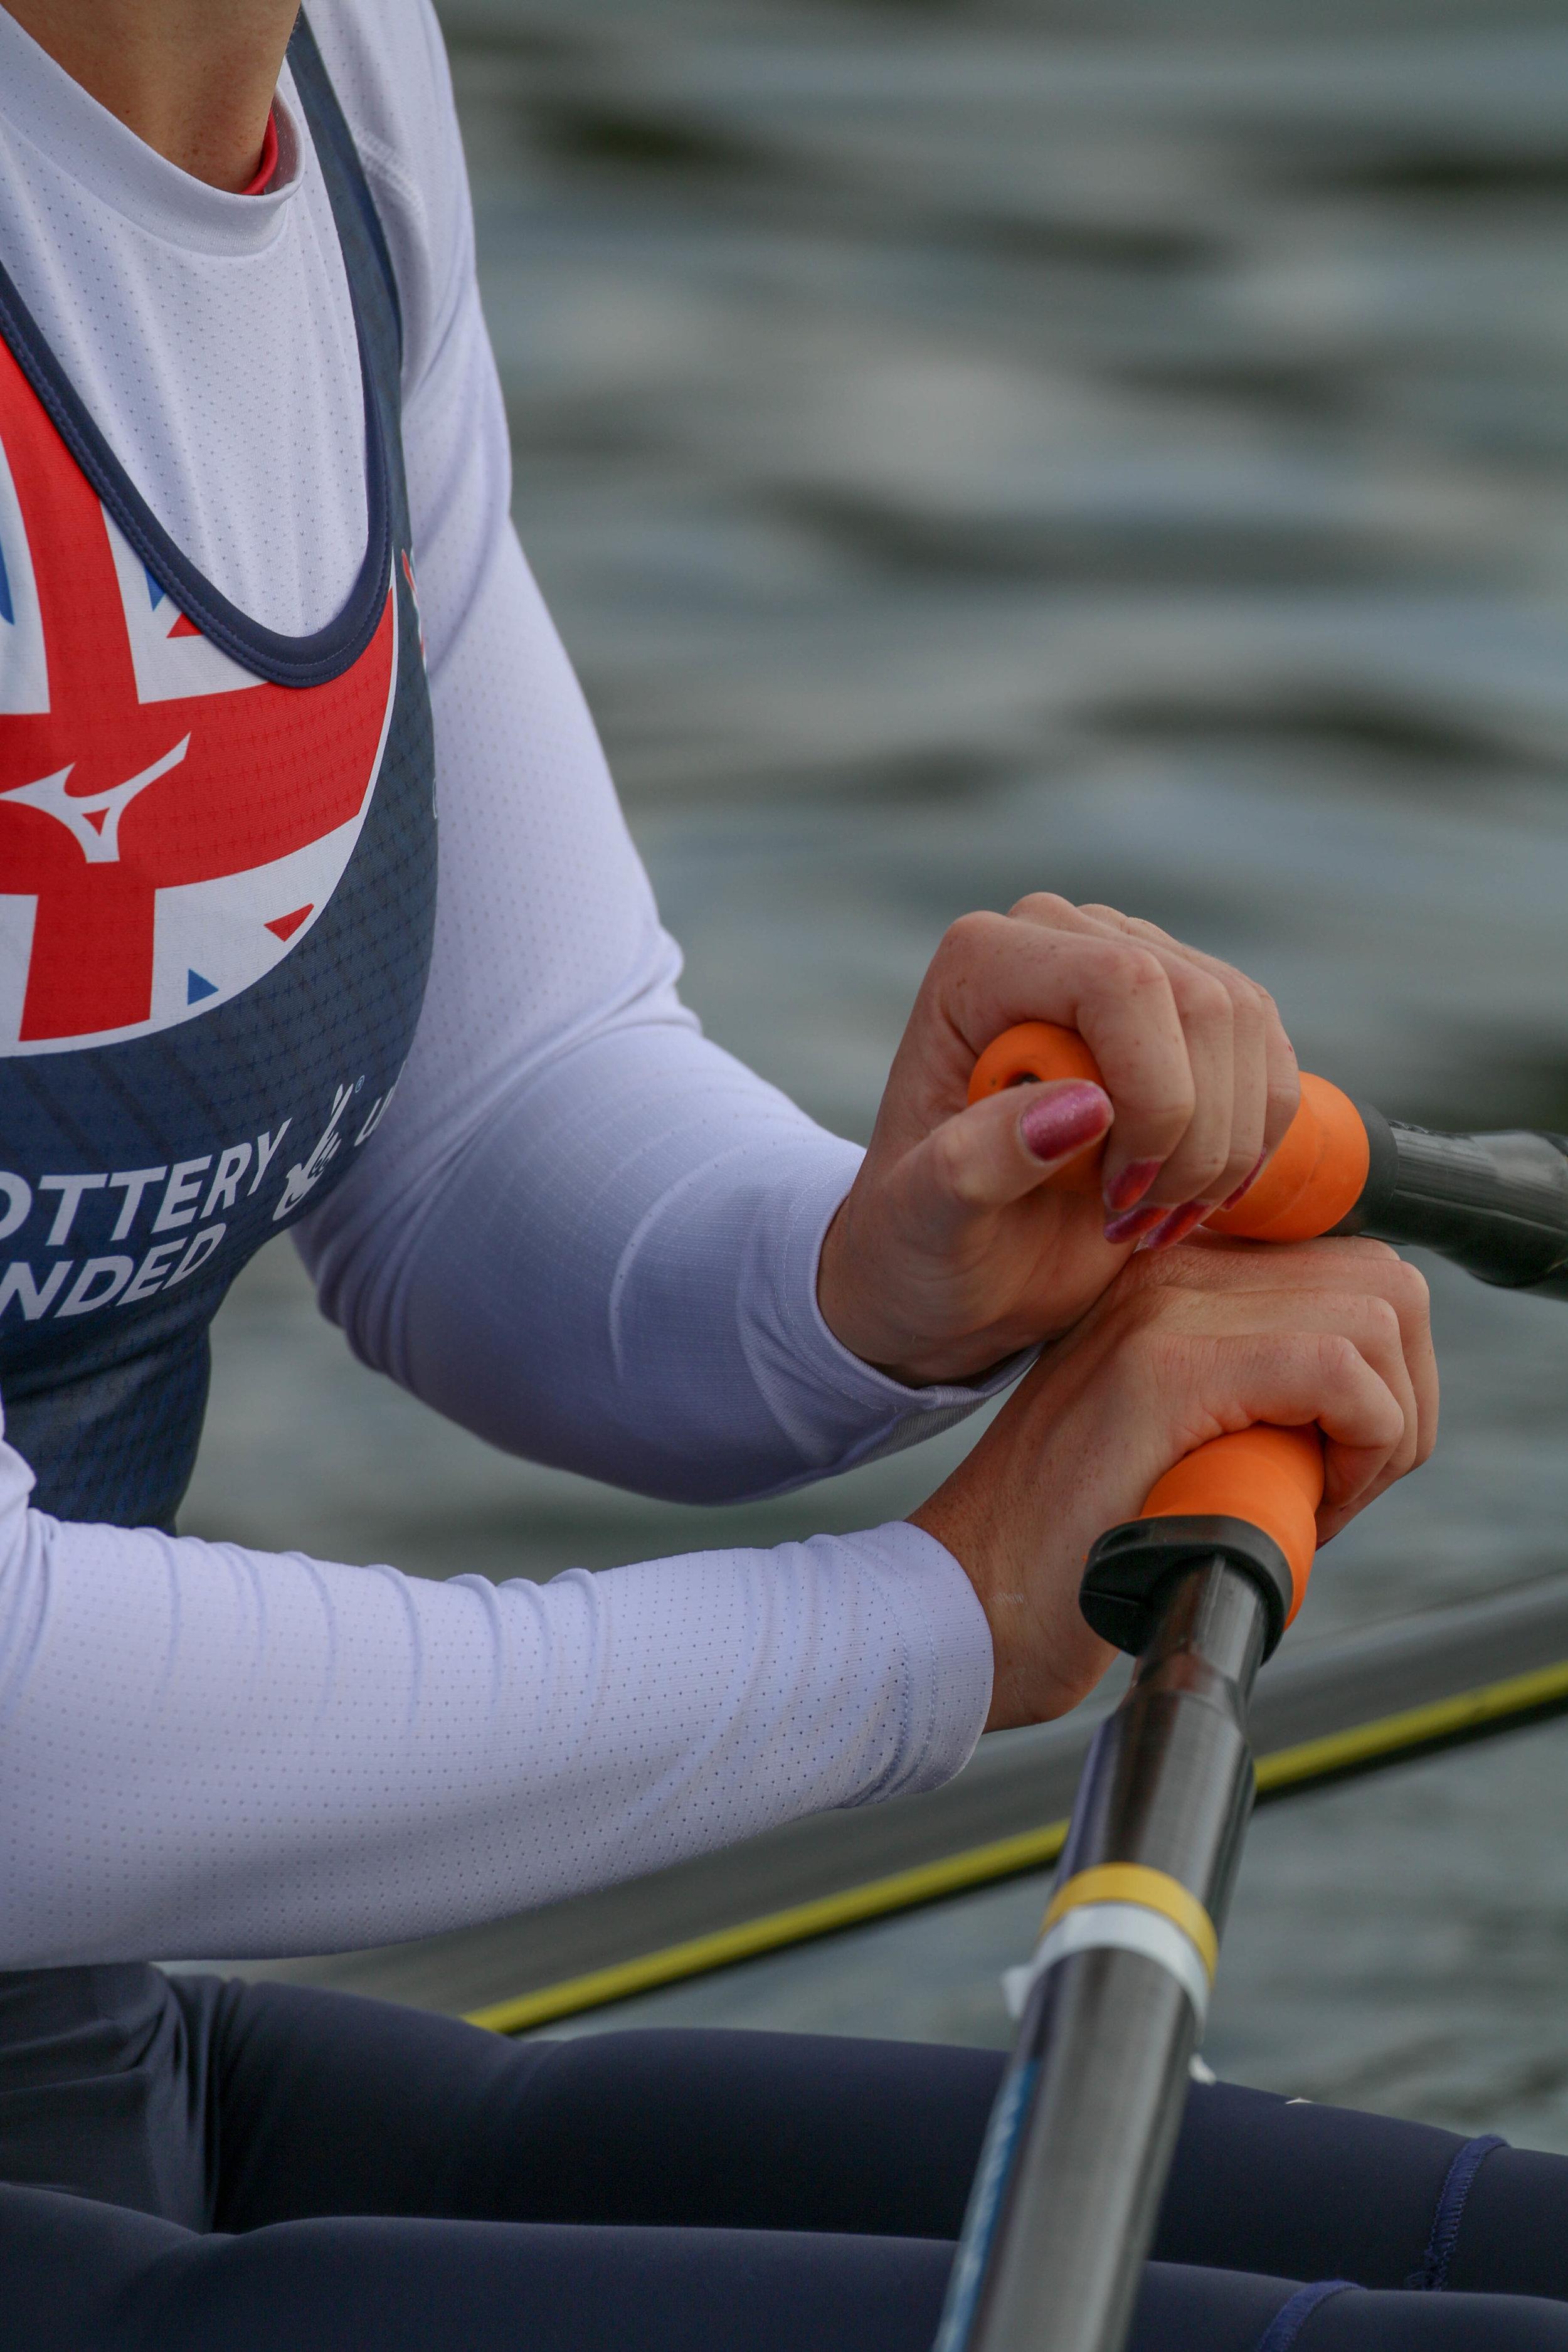 womens-sport-karen-bennett-rowing-athlete43.jpg